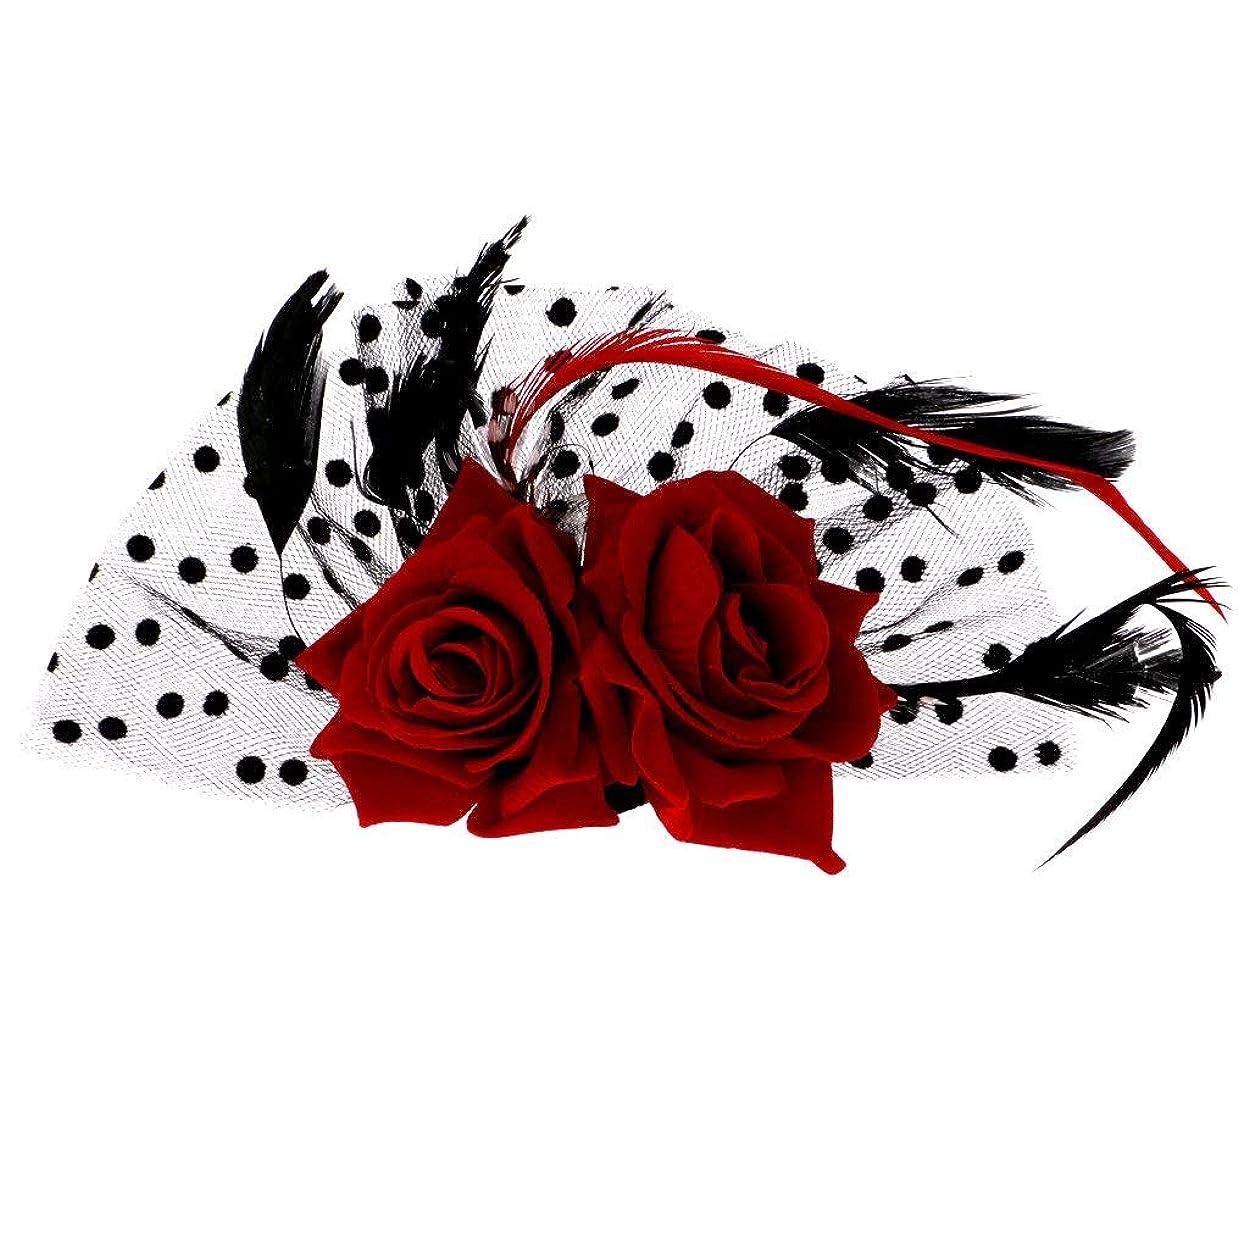 論理生き物経験的LUOSAI フラワードットヘアクリップアクセサリー帽子ウェディングパーティーの魅力的な赤いバラ